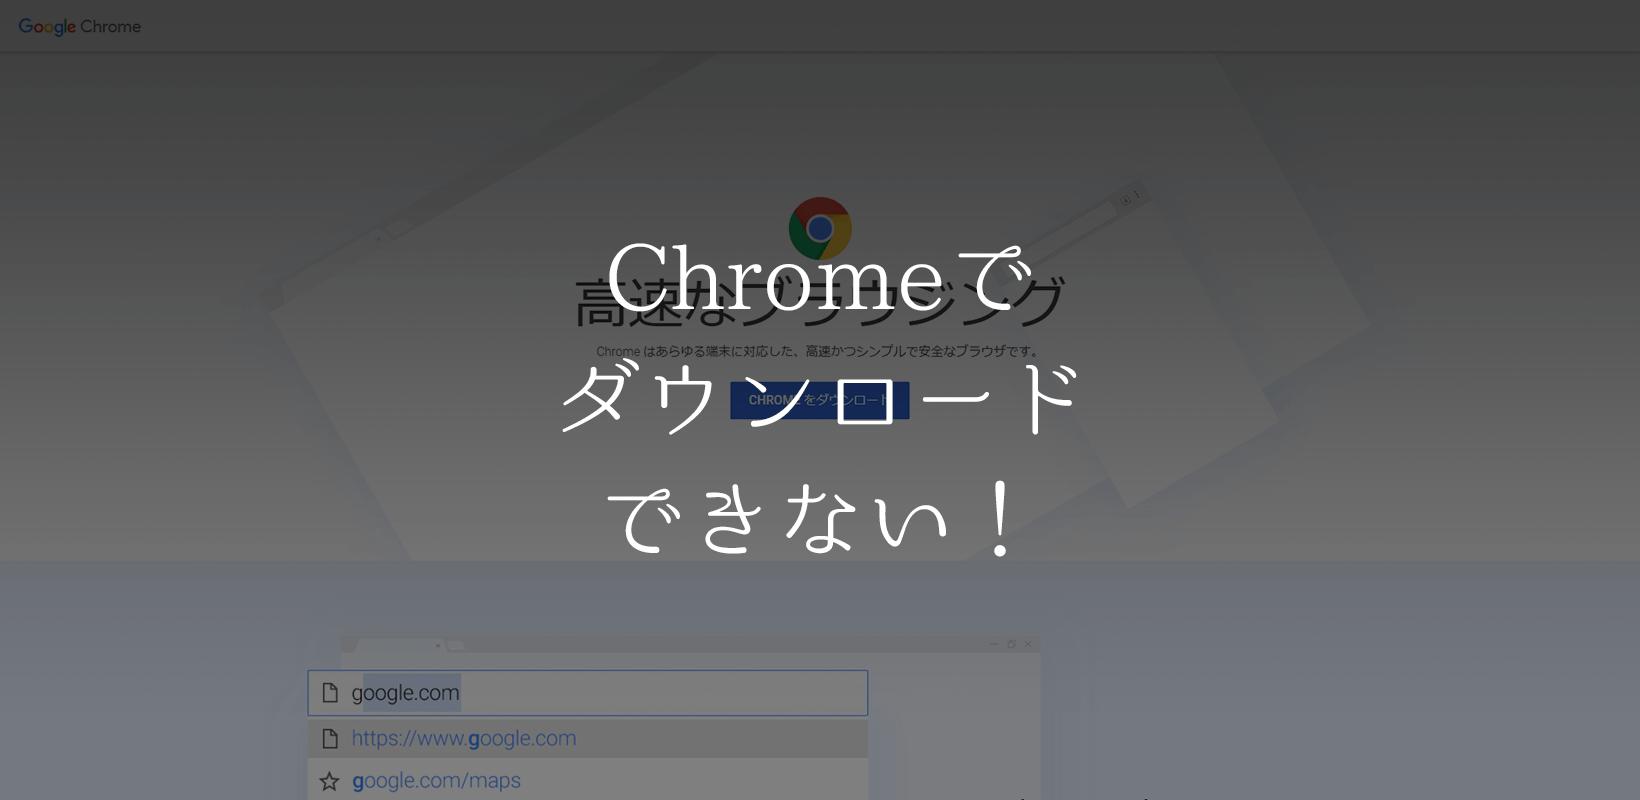 Chromeでファイルがダウンロード出来なくなった場合の対応色々のイメージ画像